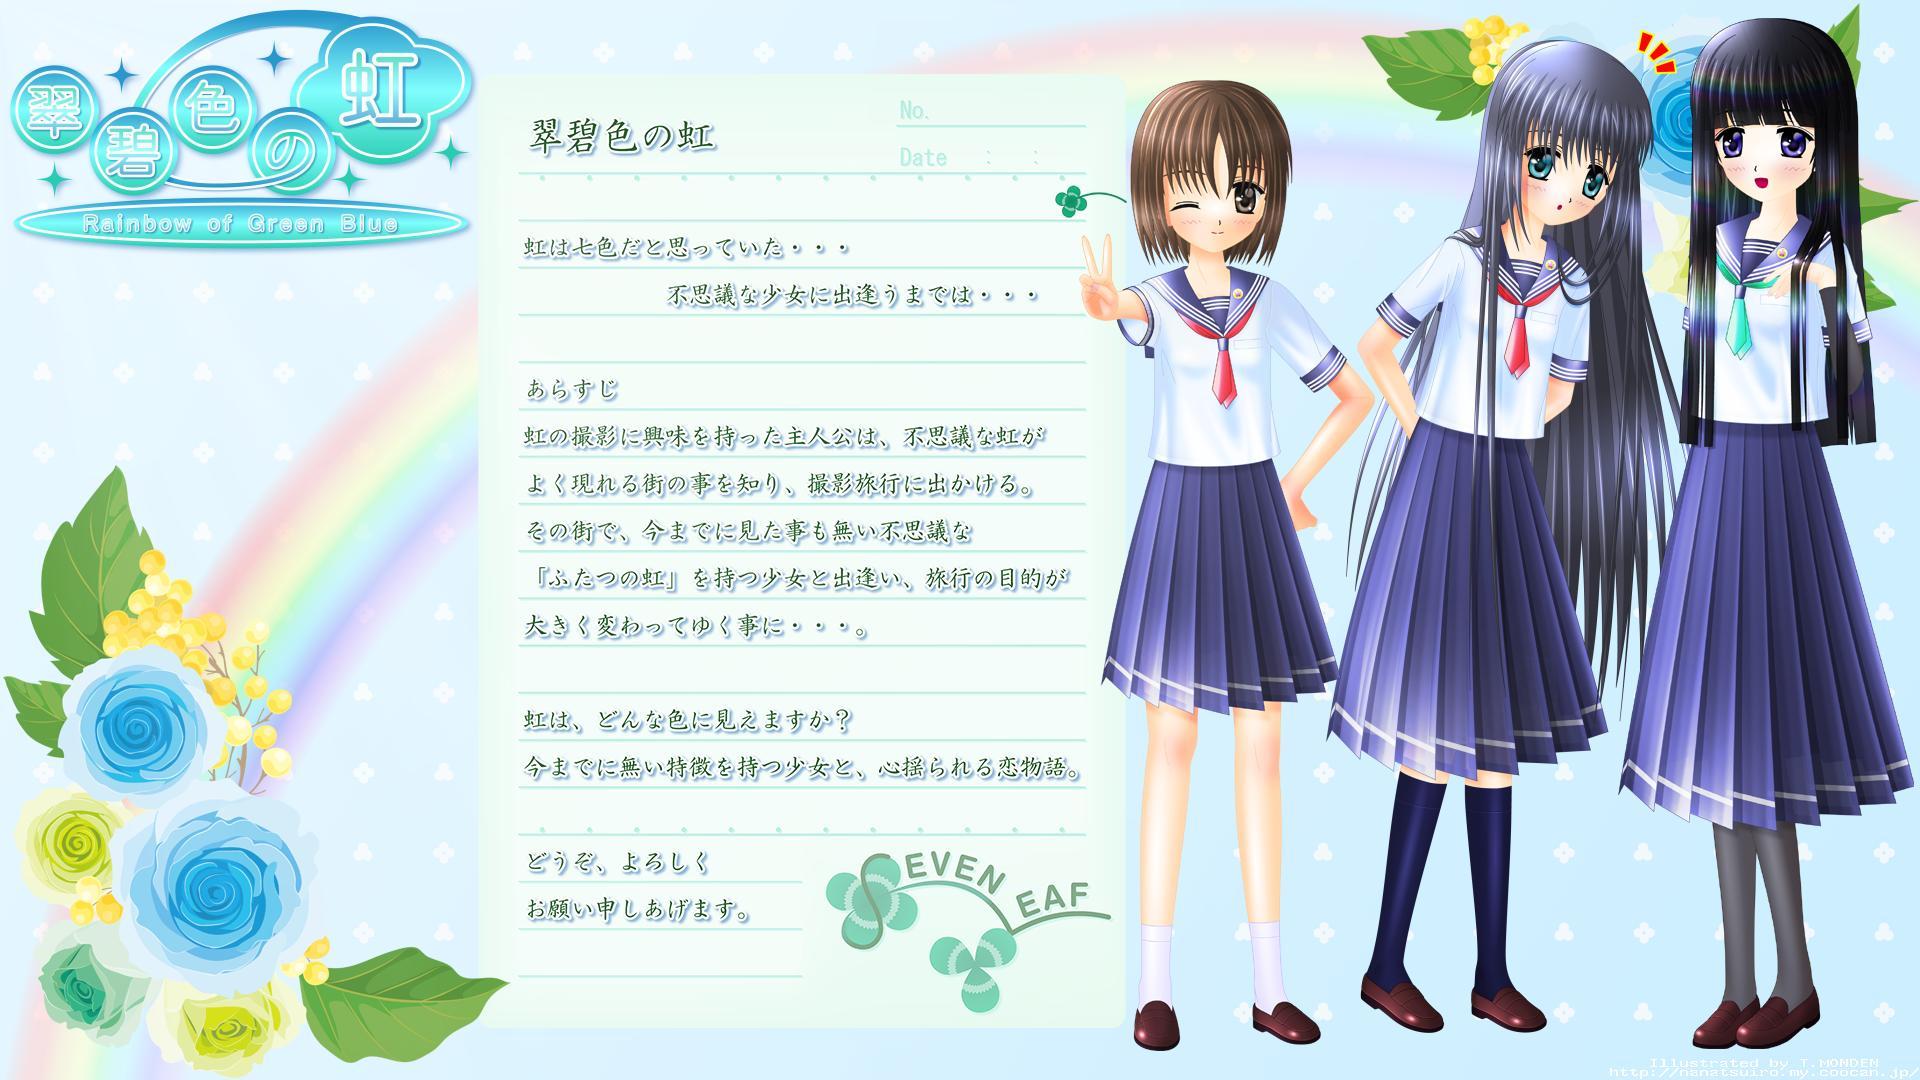 翠碧色の虹/ヒロイン3人と、あらすじ紹介